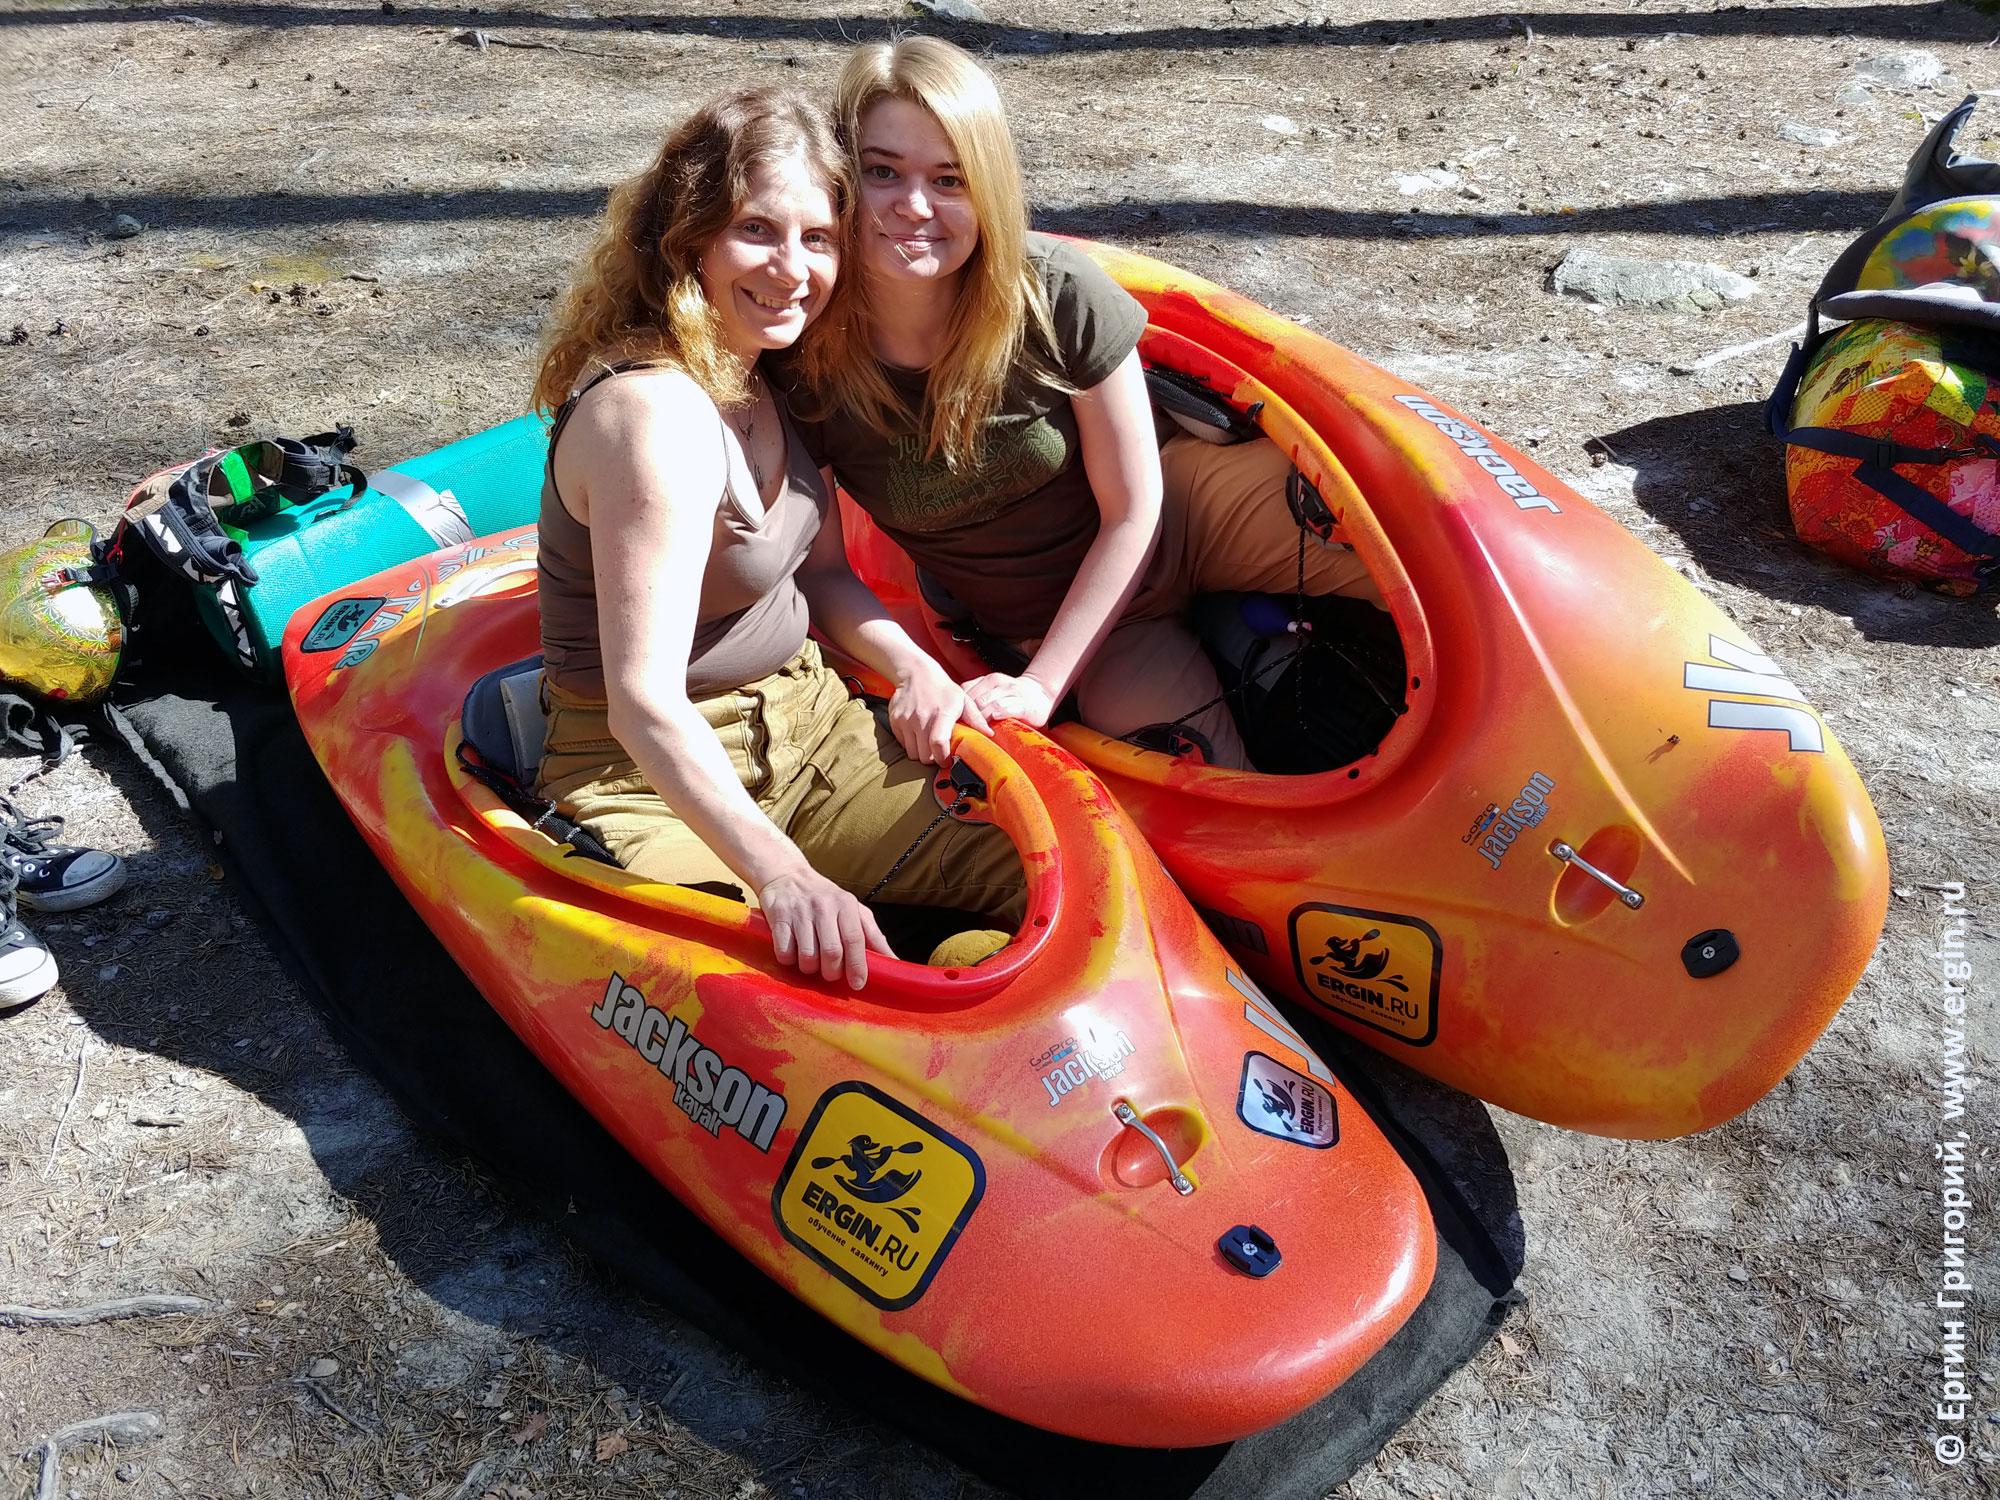 Девушки на каяках JacksonKayak Rockstar для фристайл-каякинга на бурной воде